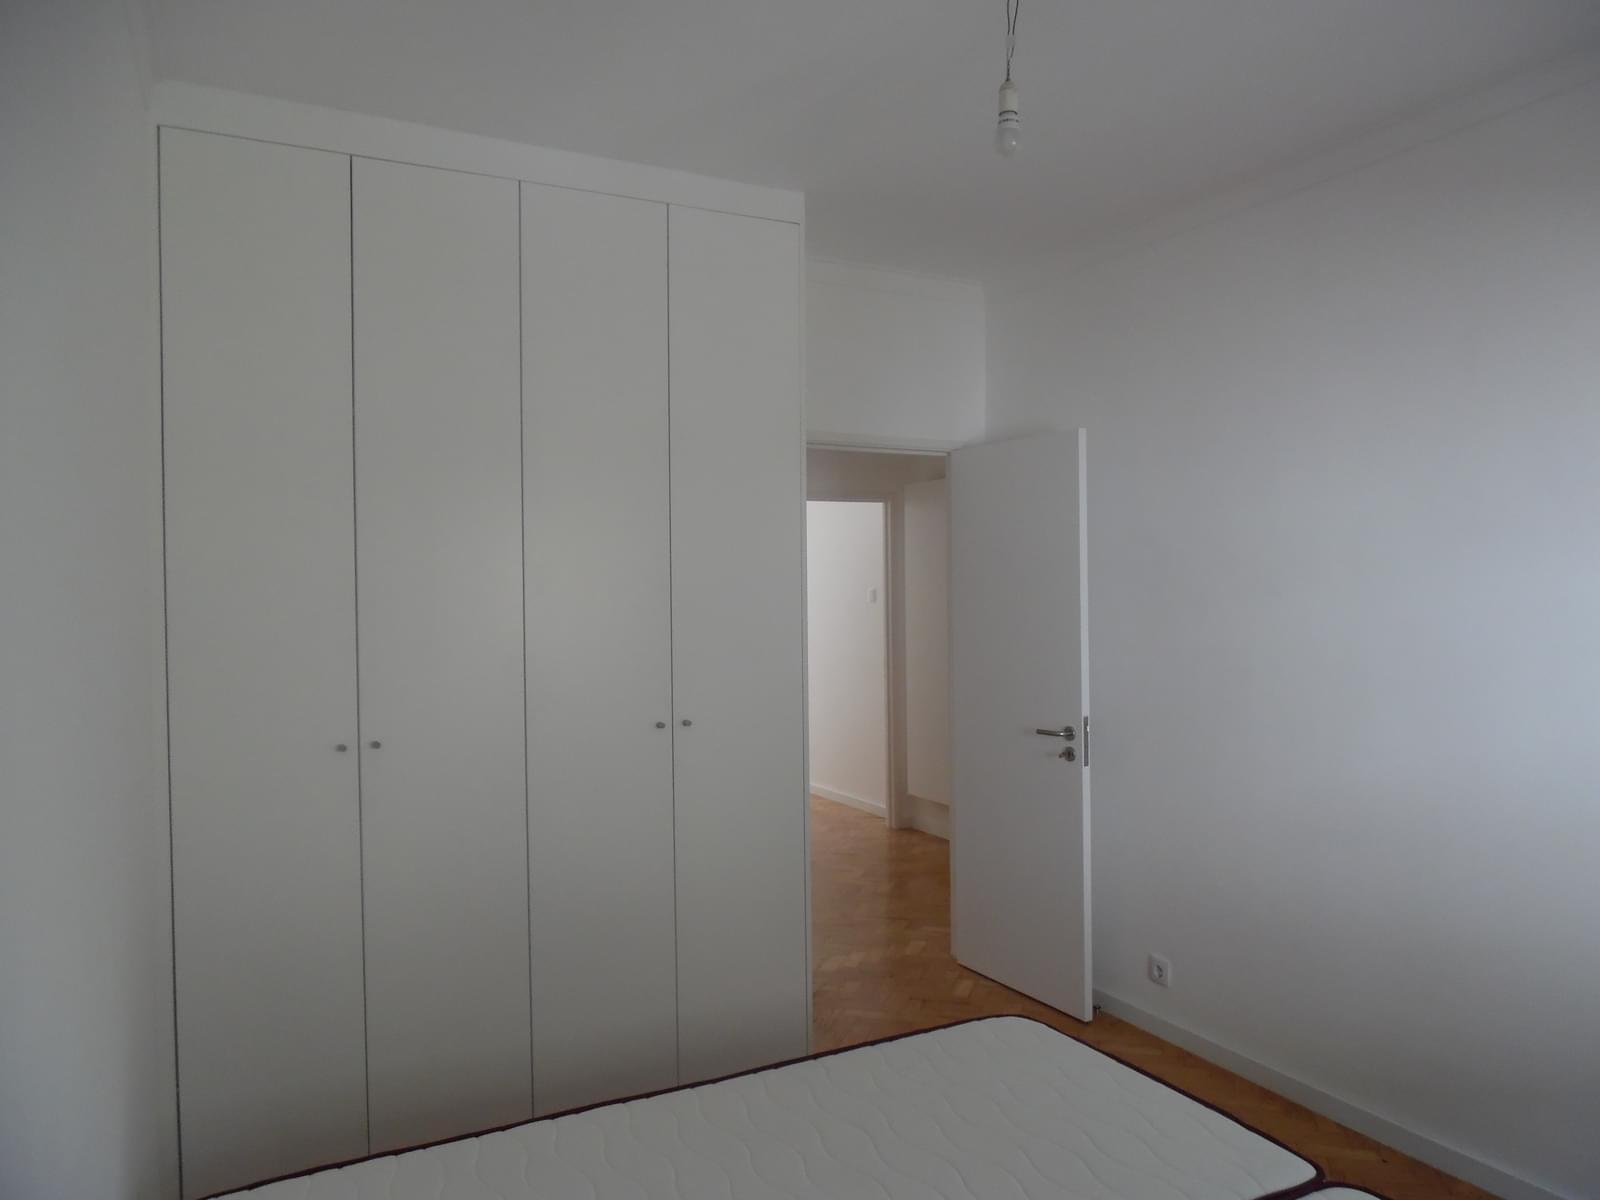 pf17256-apartamento-t2-lisboa-cd2191a4-50cf-439c-adfd-d643dae4c46d